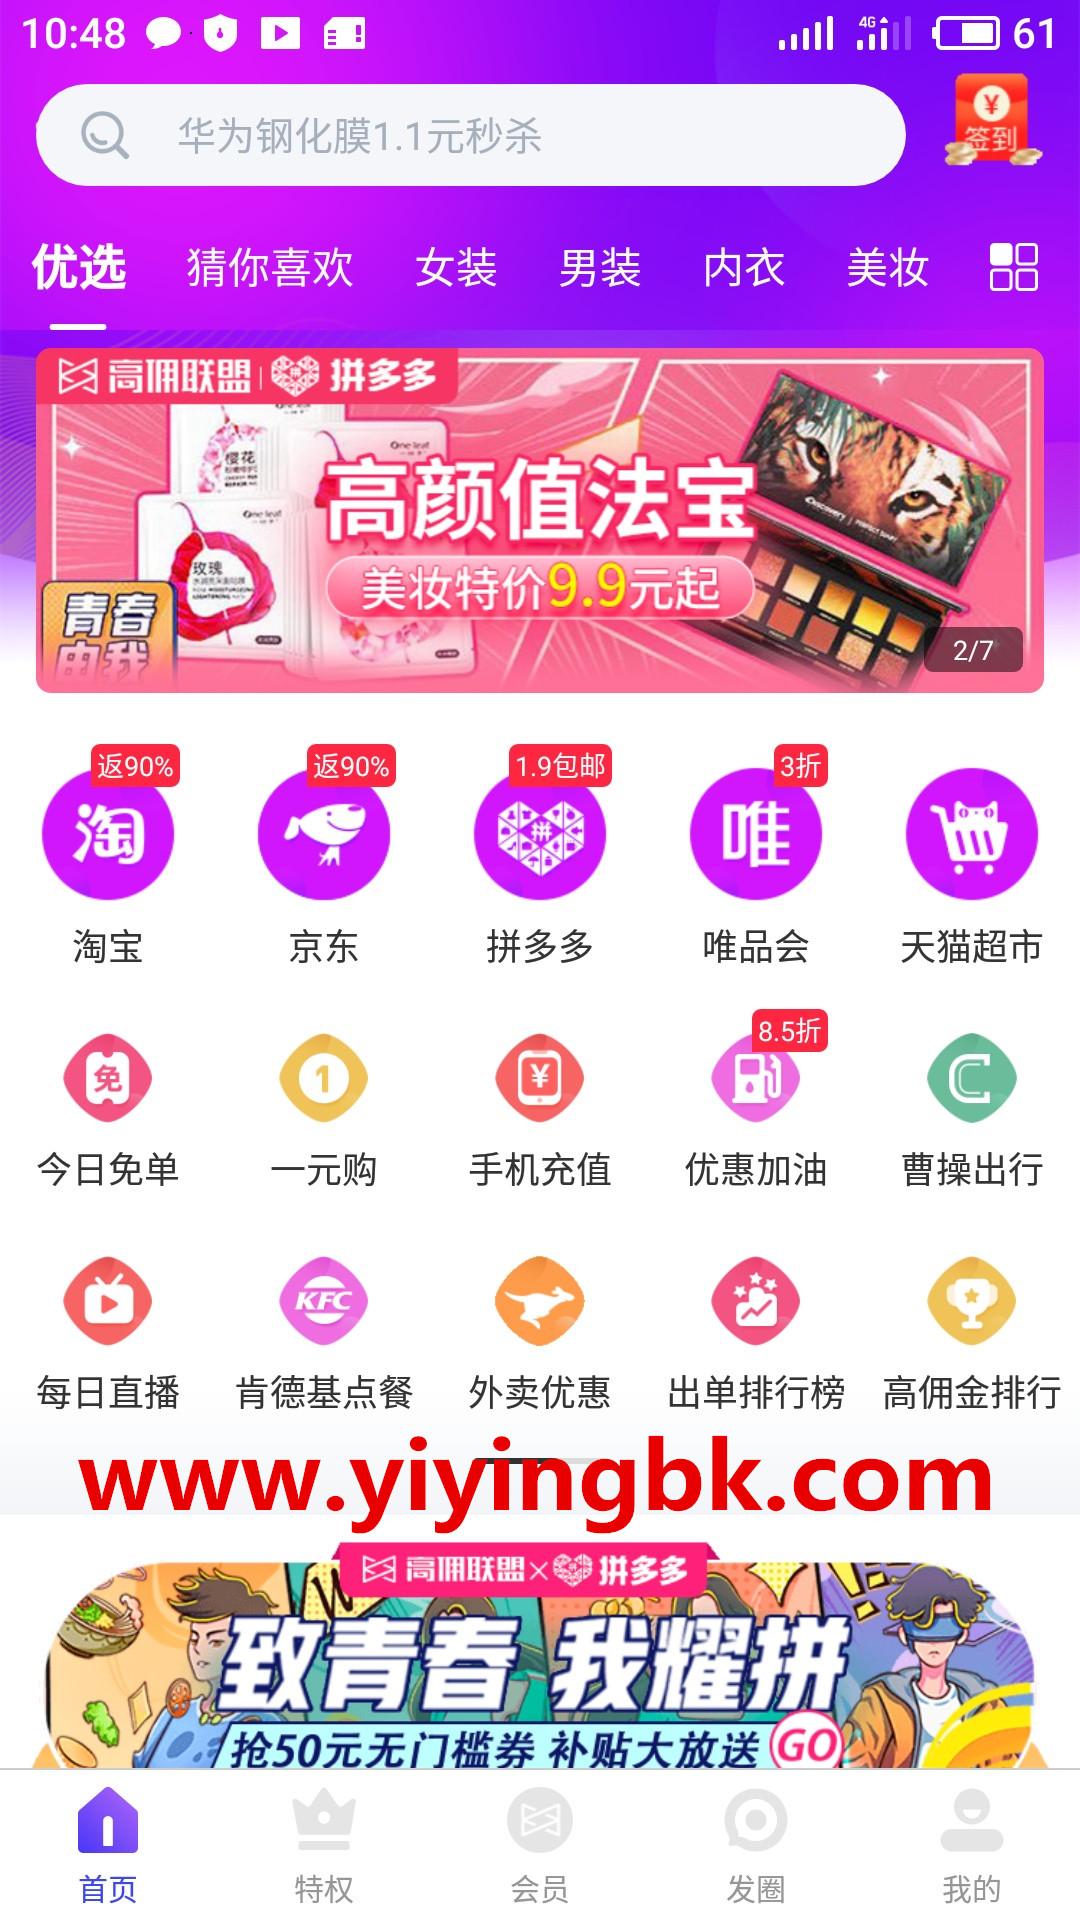 省钱返利,可以提现。www.yiyingbk.com